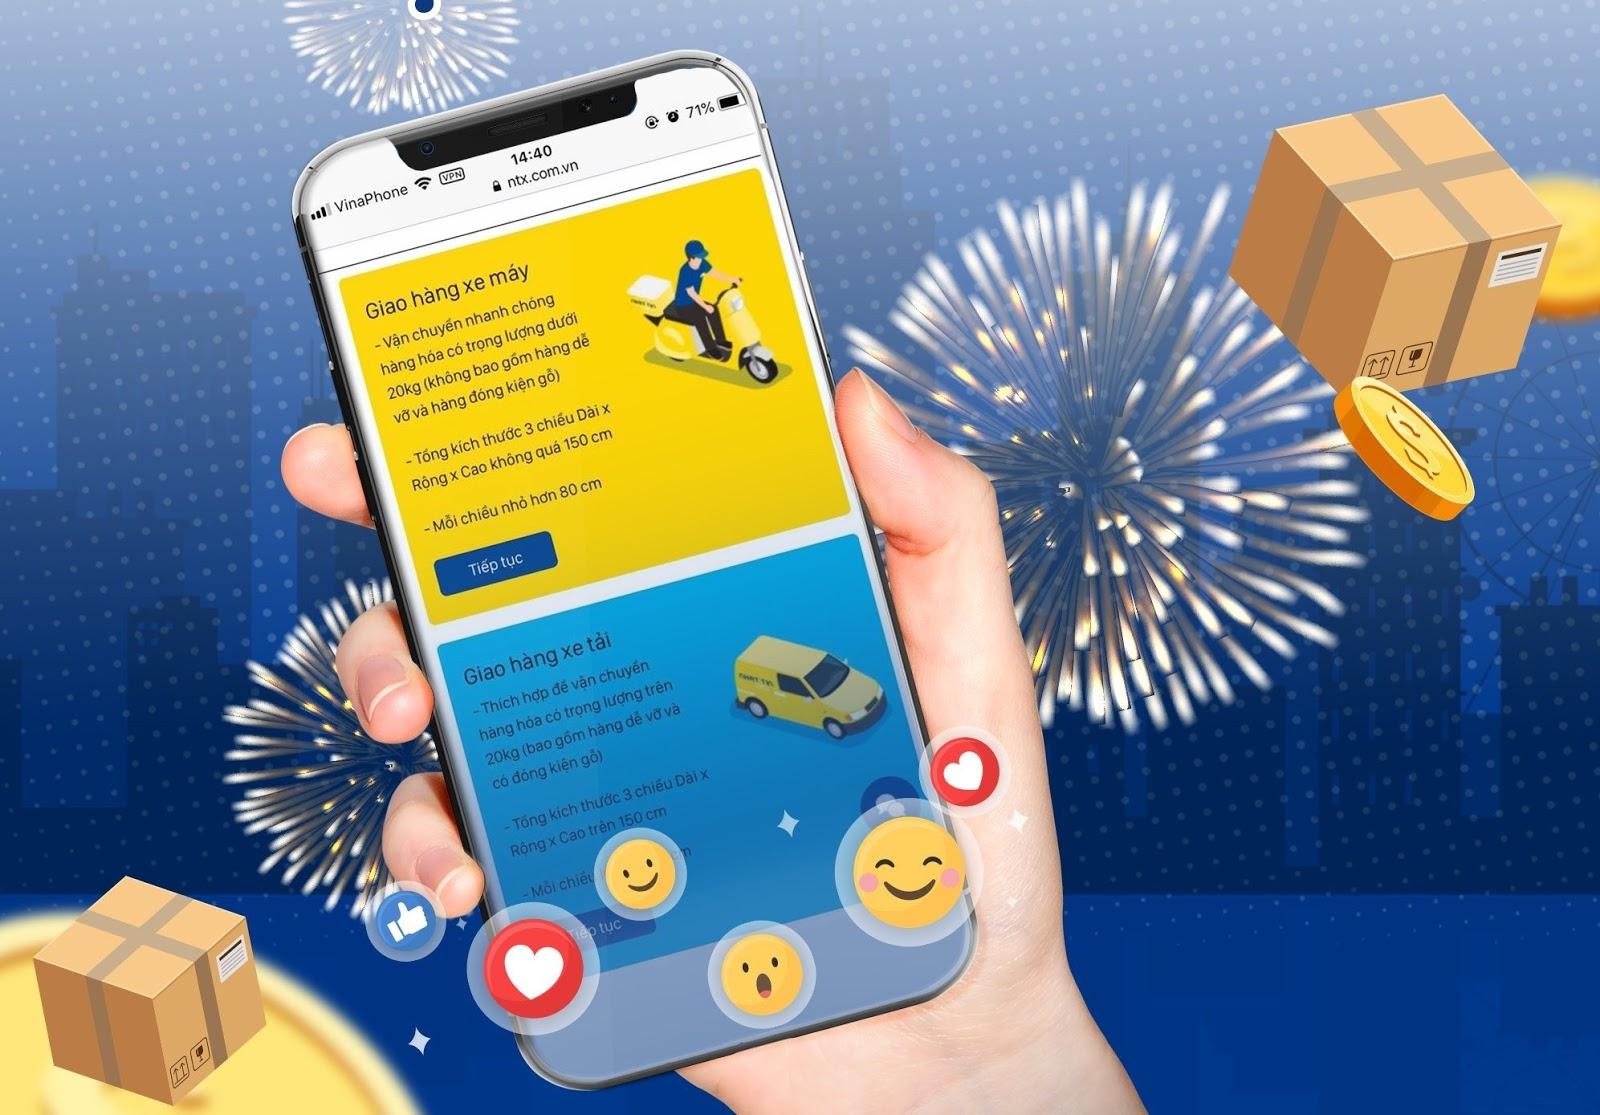 Cách tạo đơn giao hàng express nhanh chóng với ứng dụng Nhất Tín Express